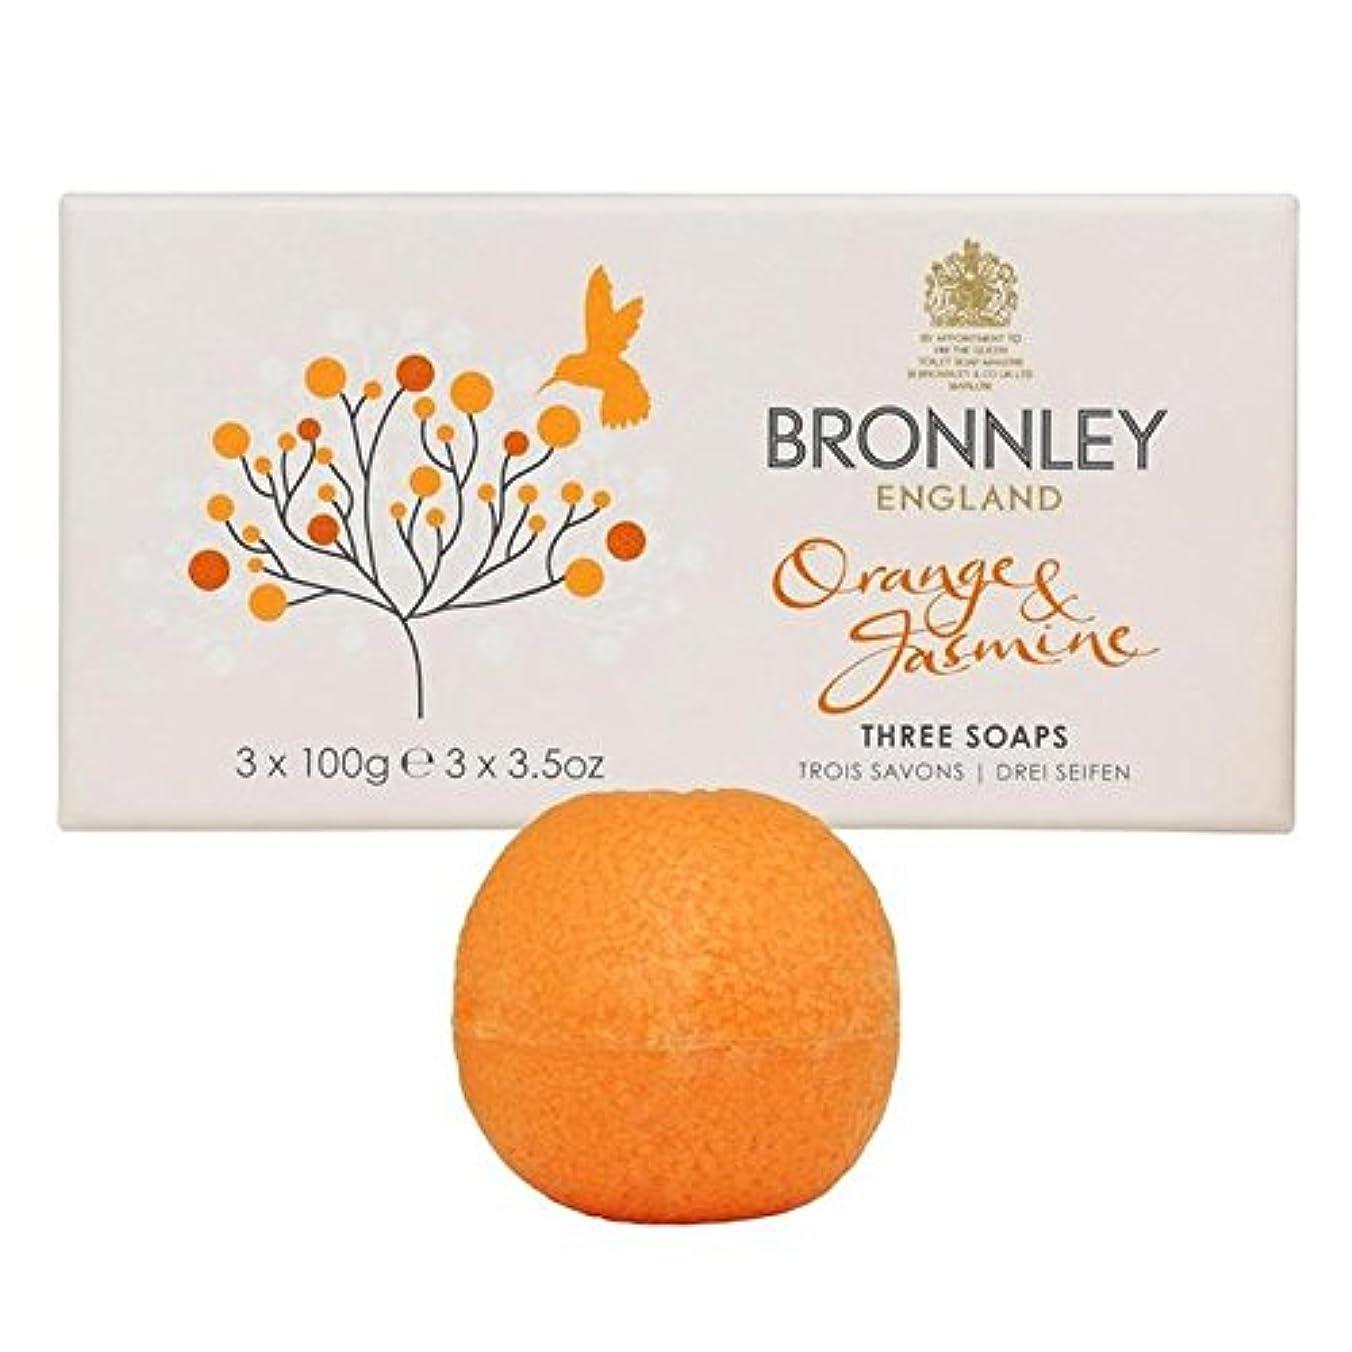 反論架空のけがをするBronnley Orange & Jasmine Soaps 3 x 100g (Pack of 6) - オレンジ&ジャスミン石鹸3×100グラム x6 [並行輸入品]